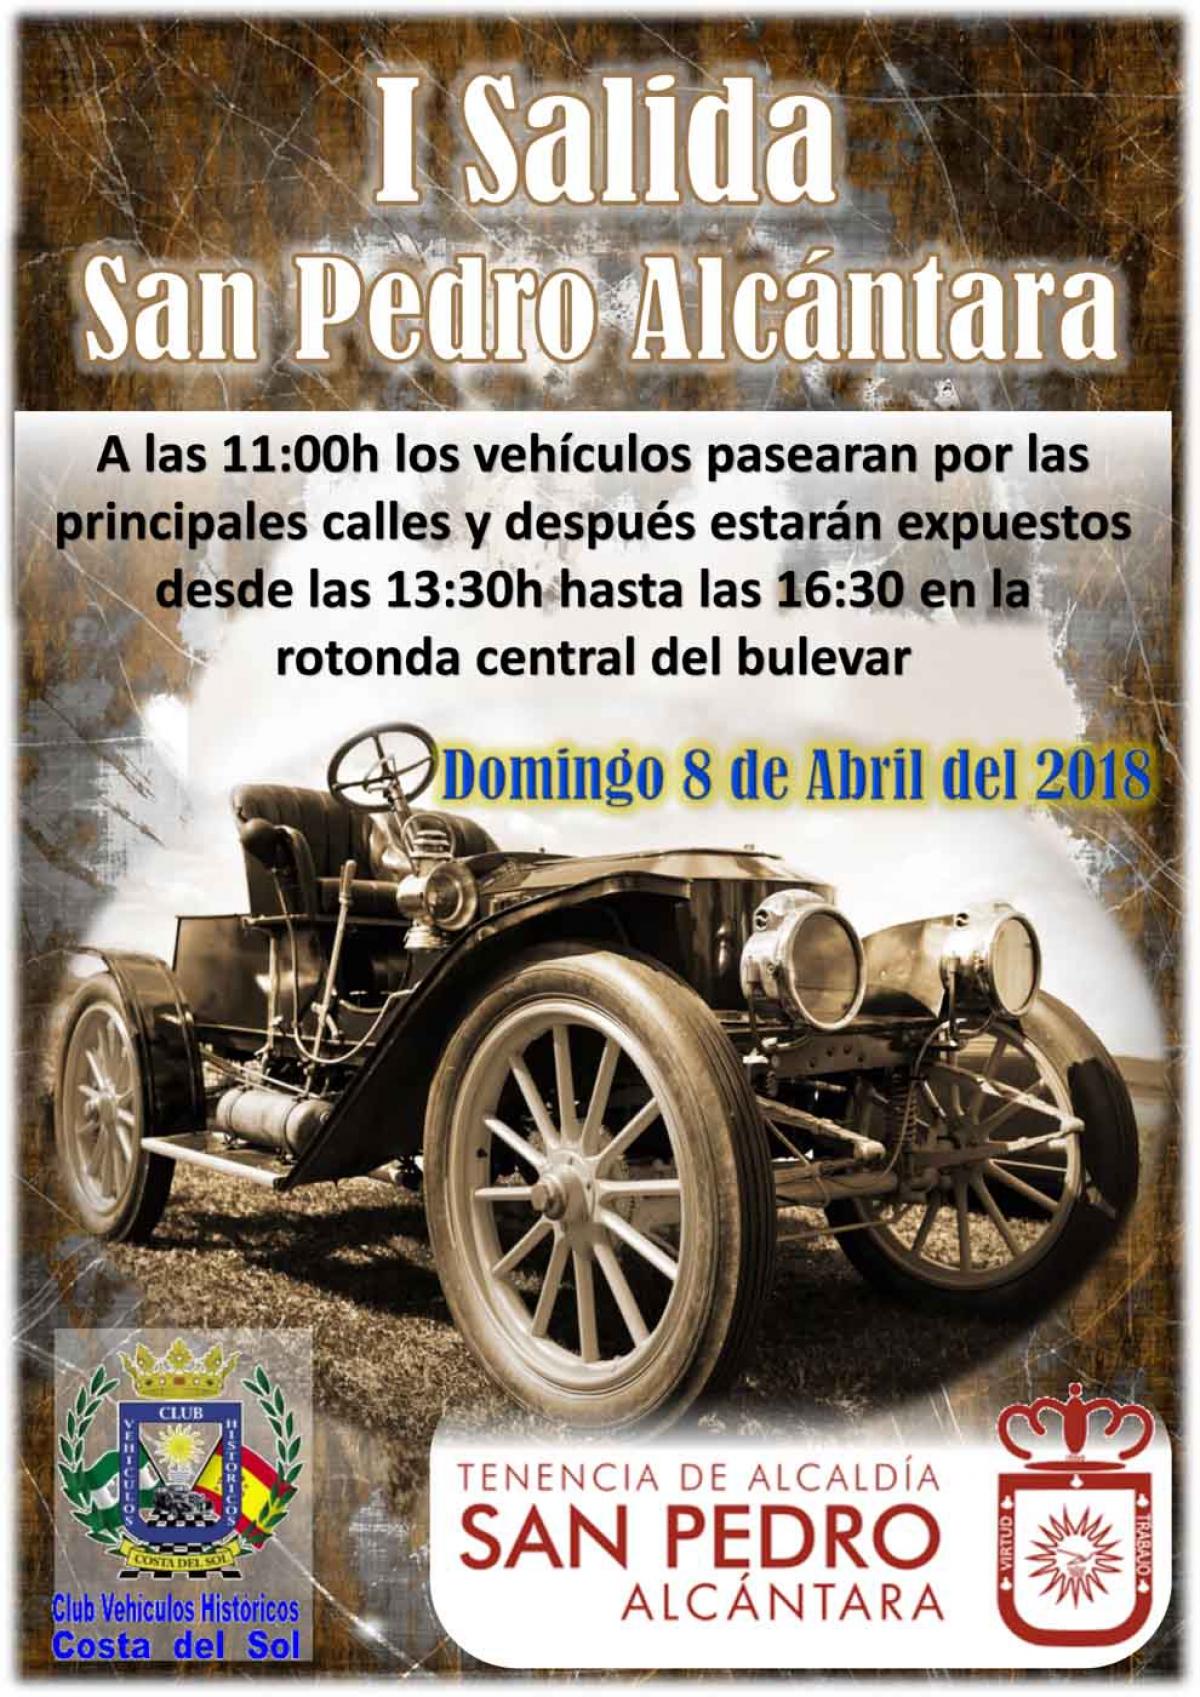 La 'I Salida San Pedro Alcántara' concentrará este domingo a una treintena de vehículos clásicos que saldrán de la rotonda central del Bulevar